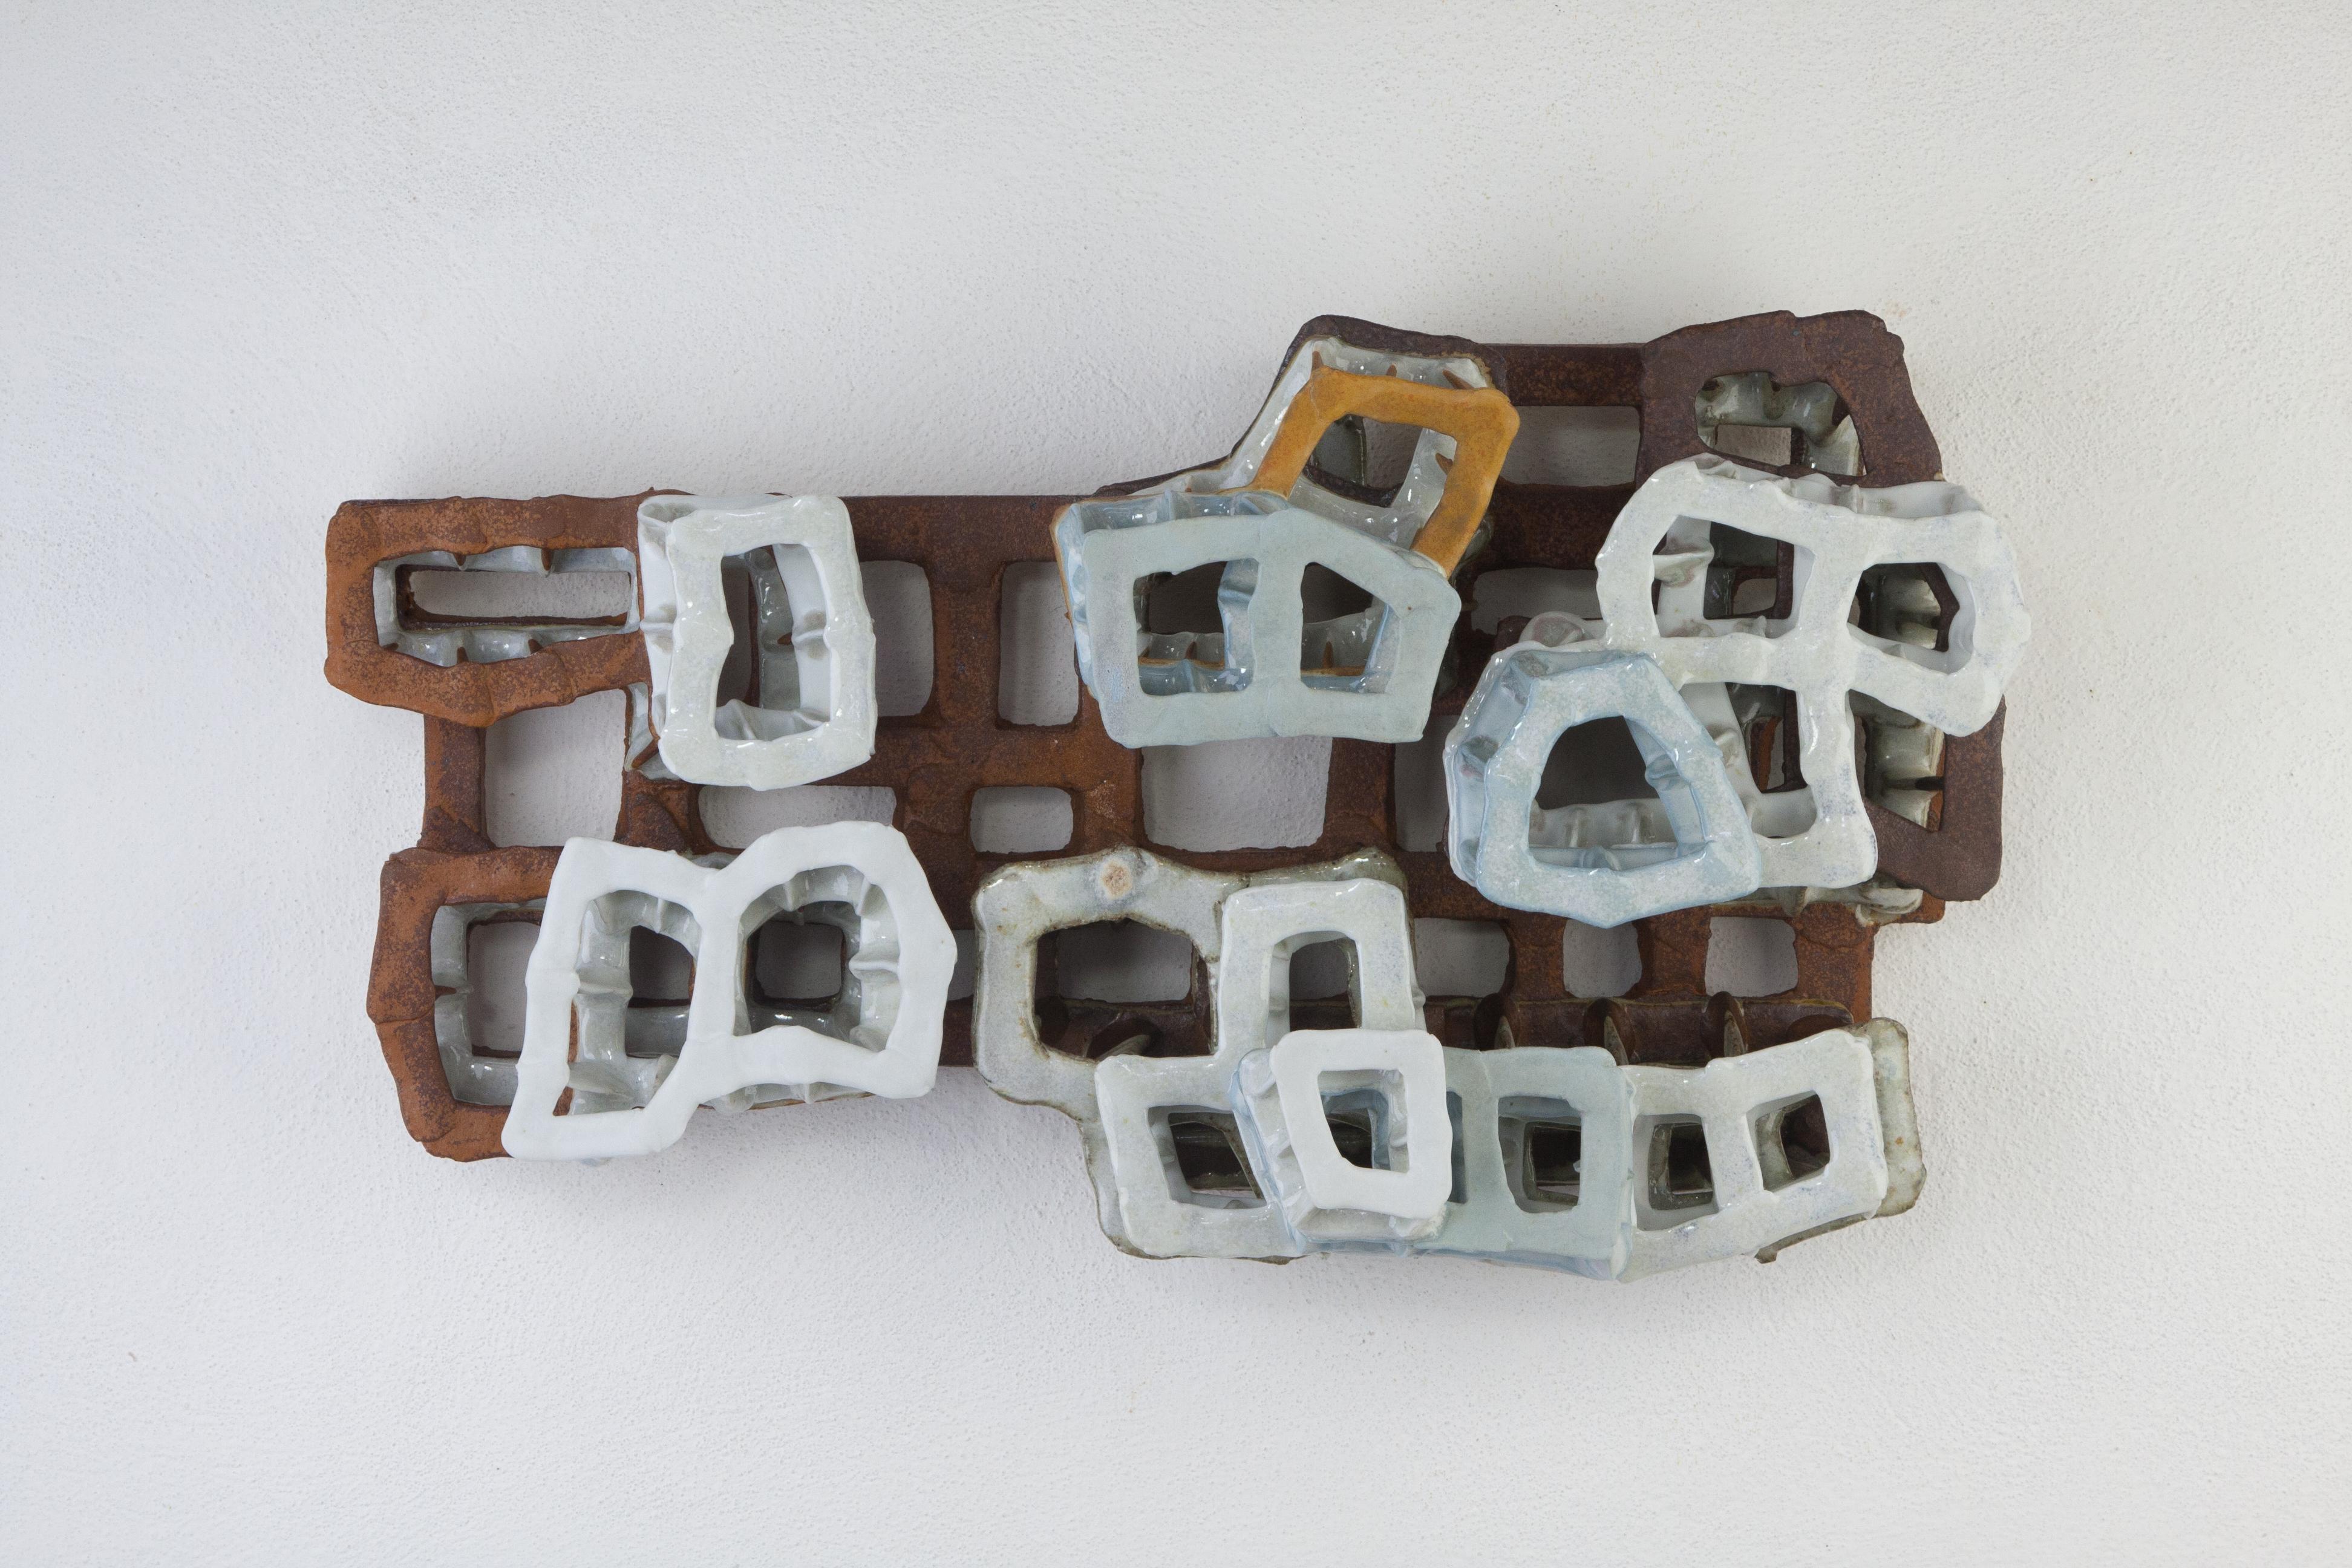 Charlotte Thorup, Uneven spaces – Special Mention La Ceramica